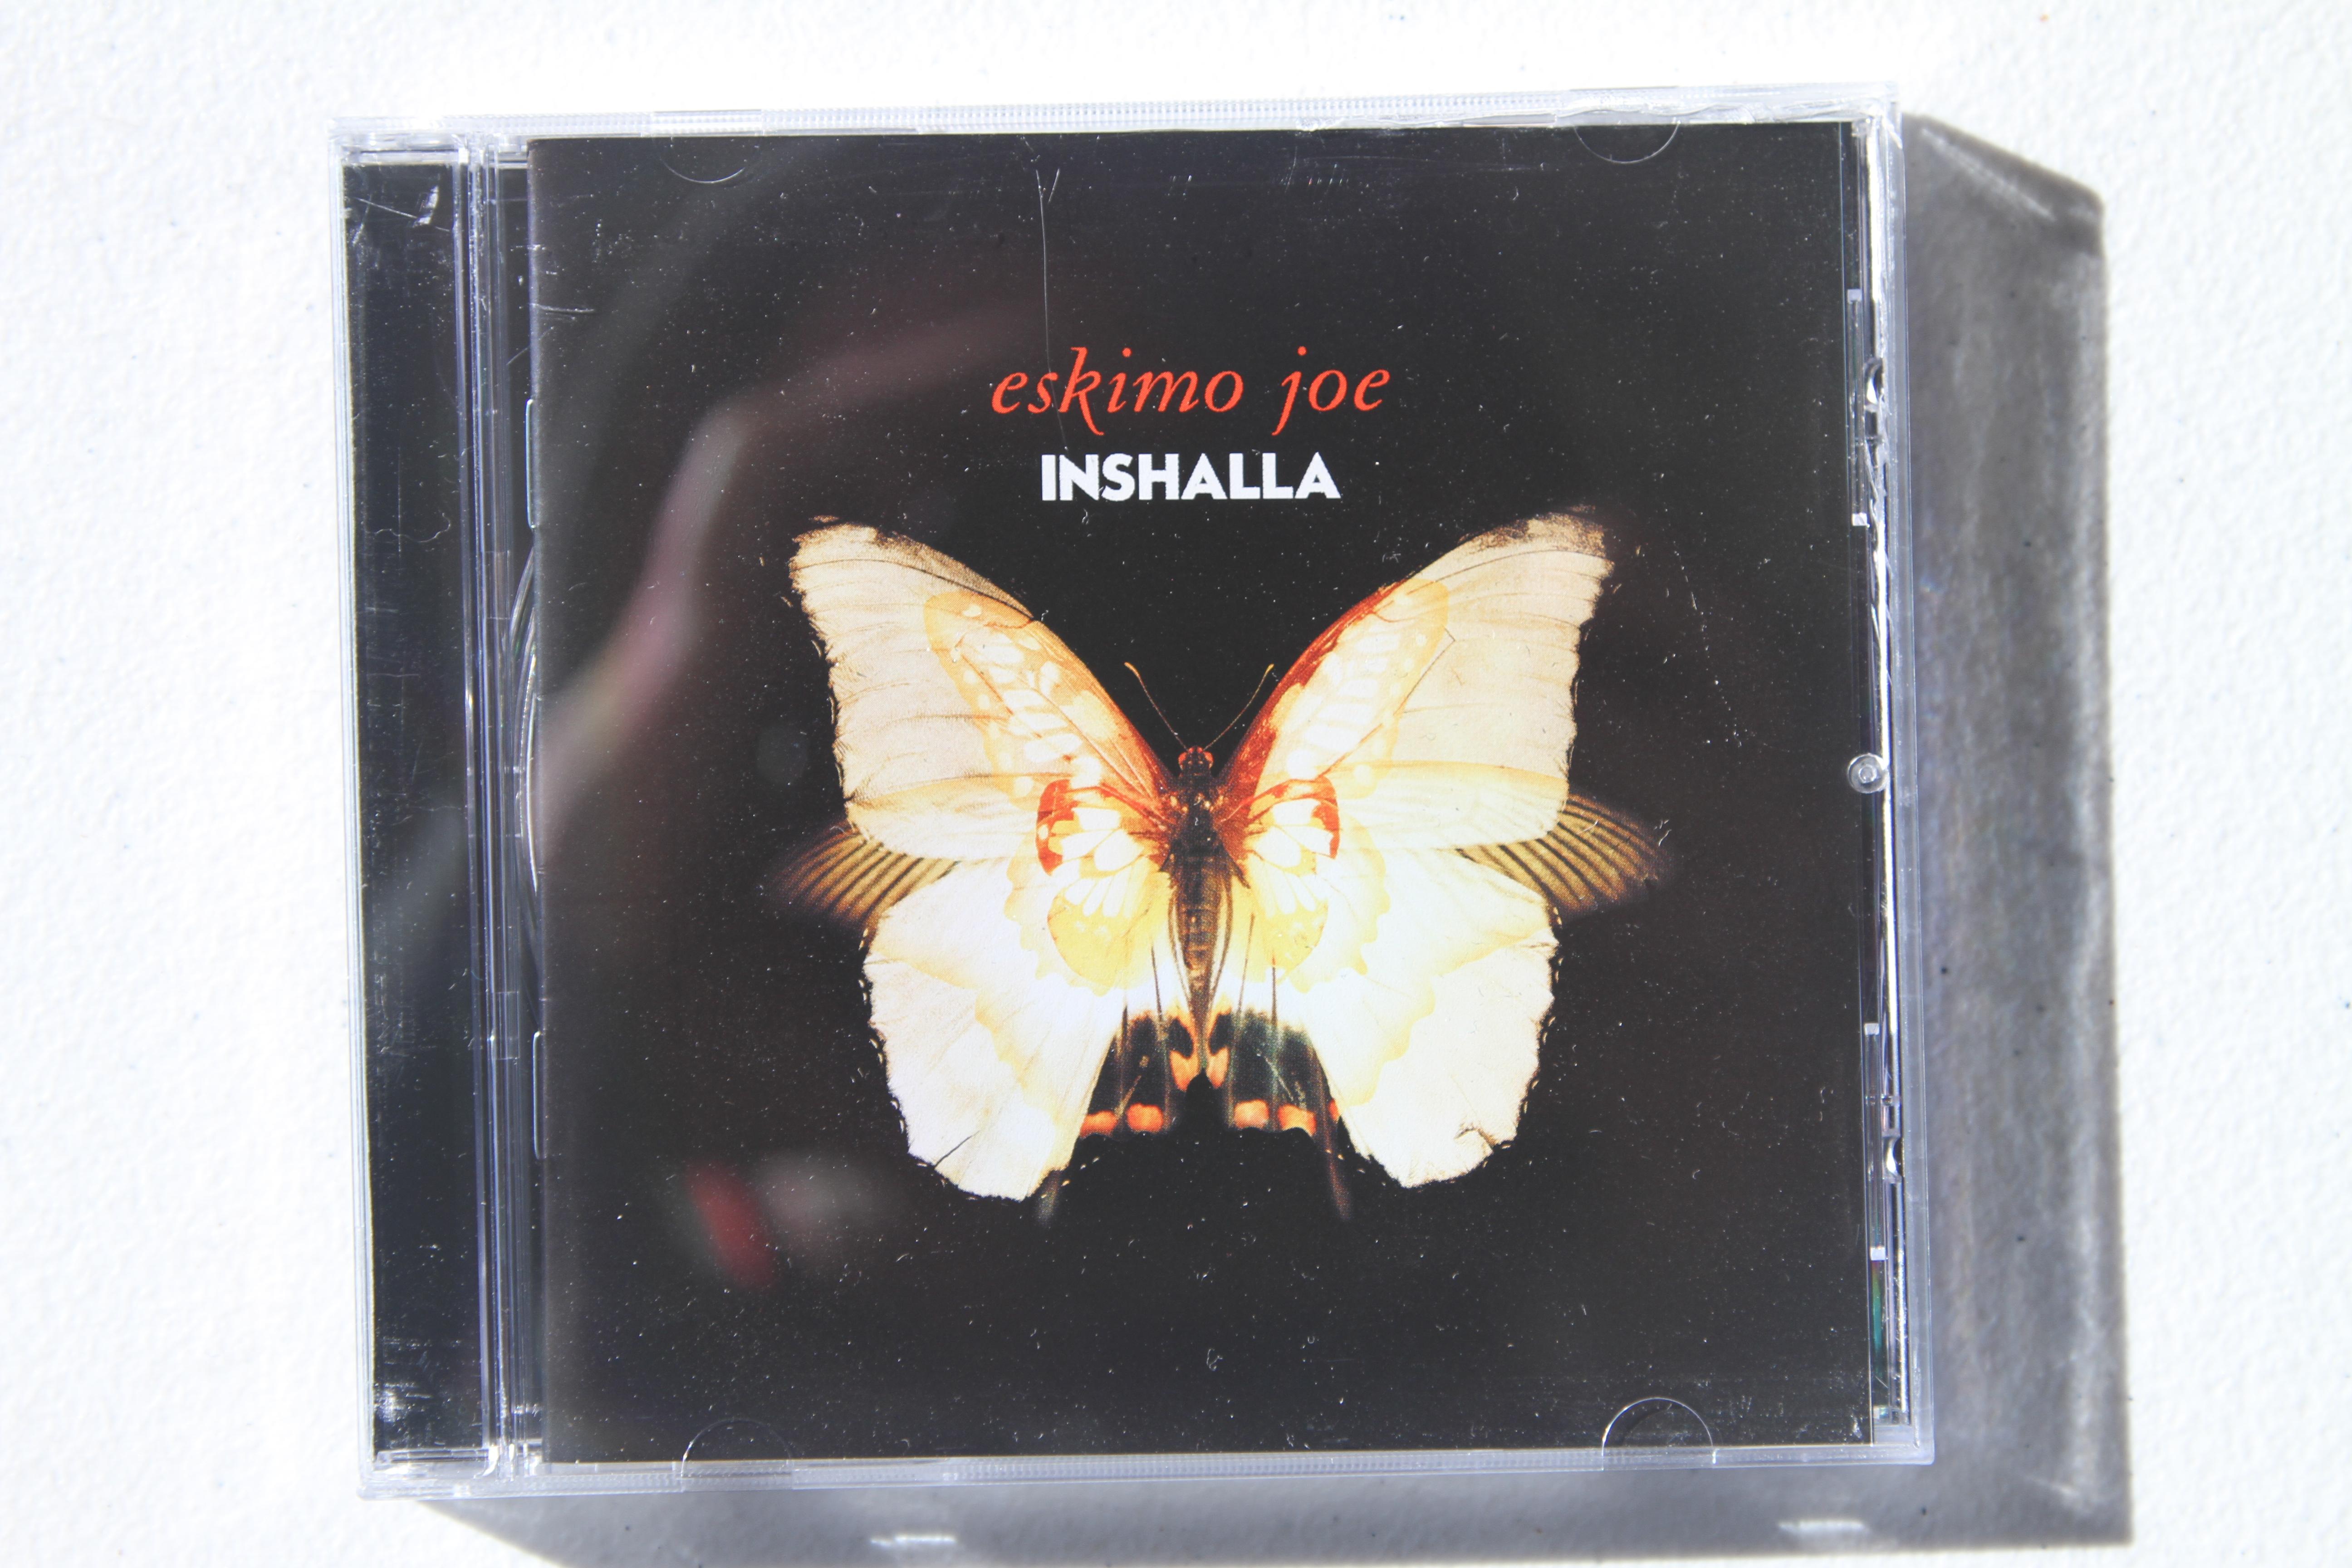 Inshalla - CD Album - Eskimo Joe